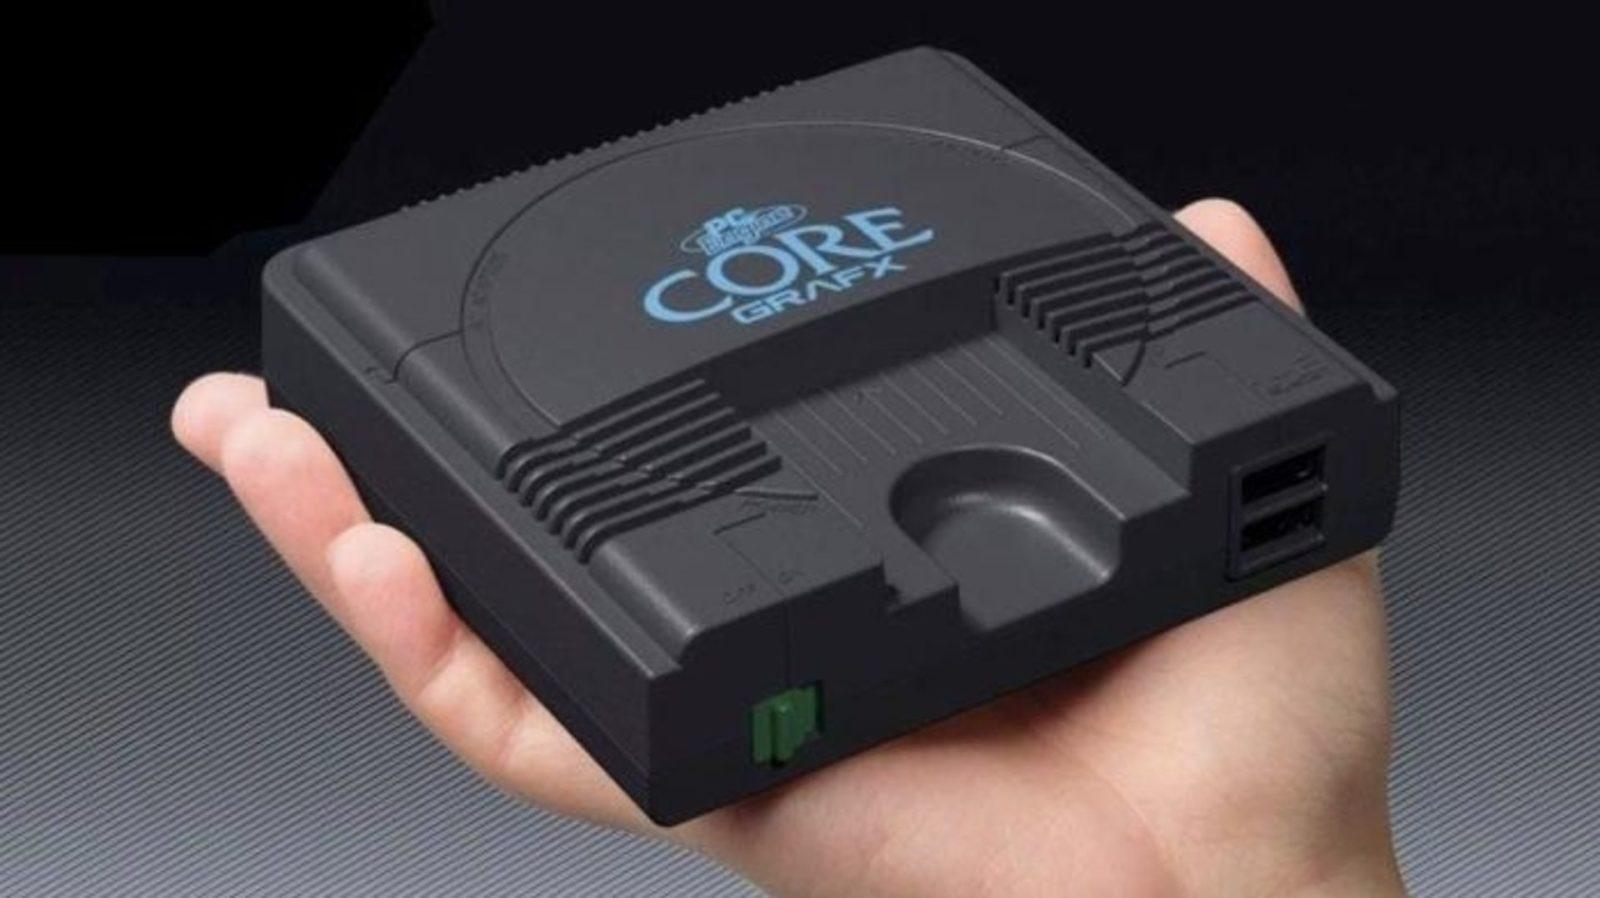 PC Engine CoreGrafx mini, la mitica console PC Engine rivive in versione mini